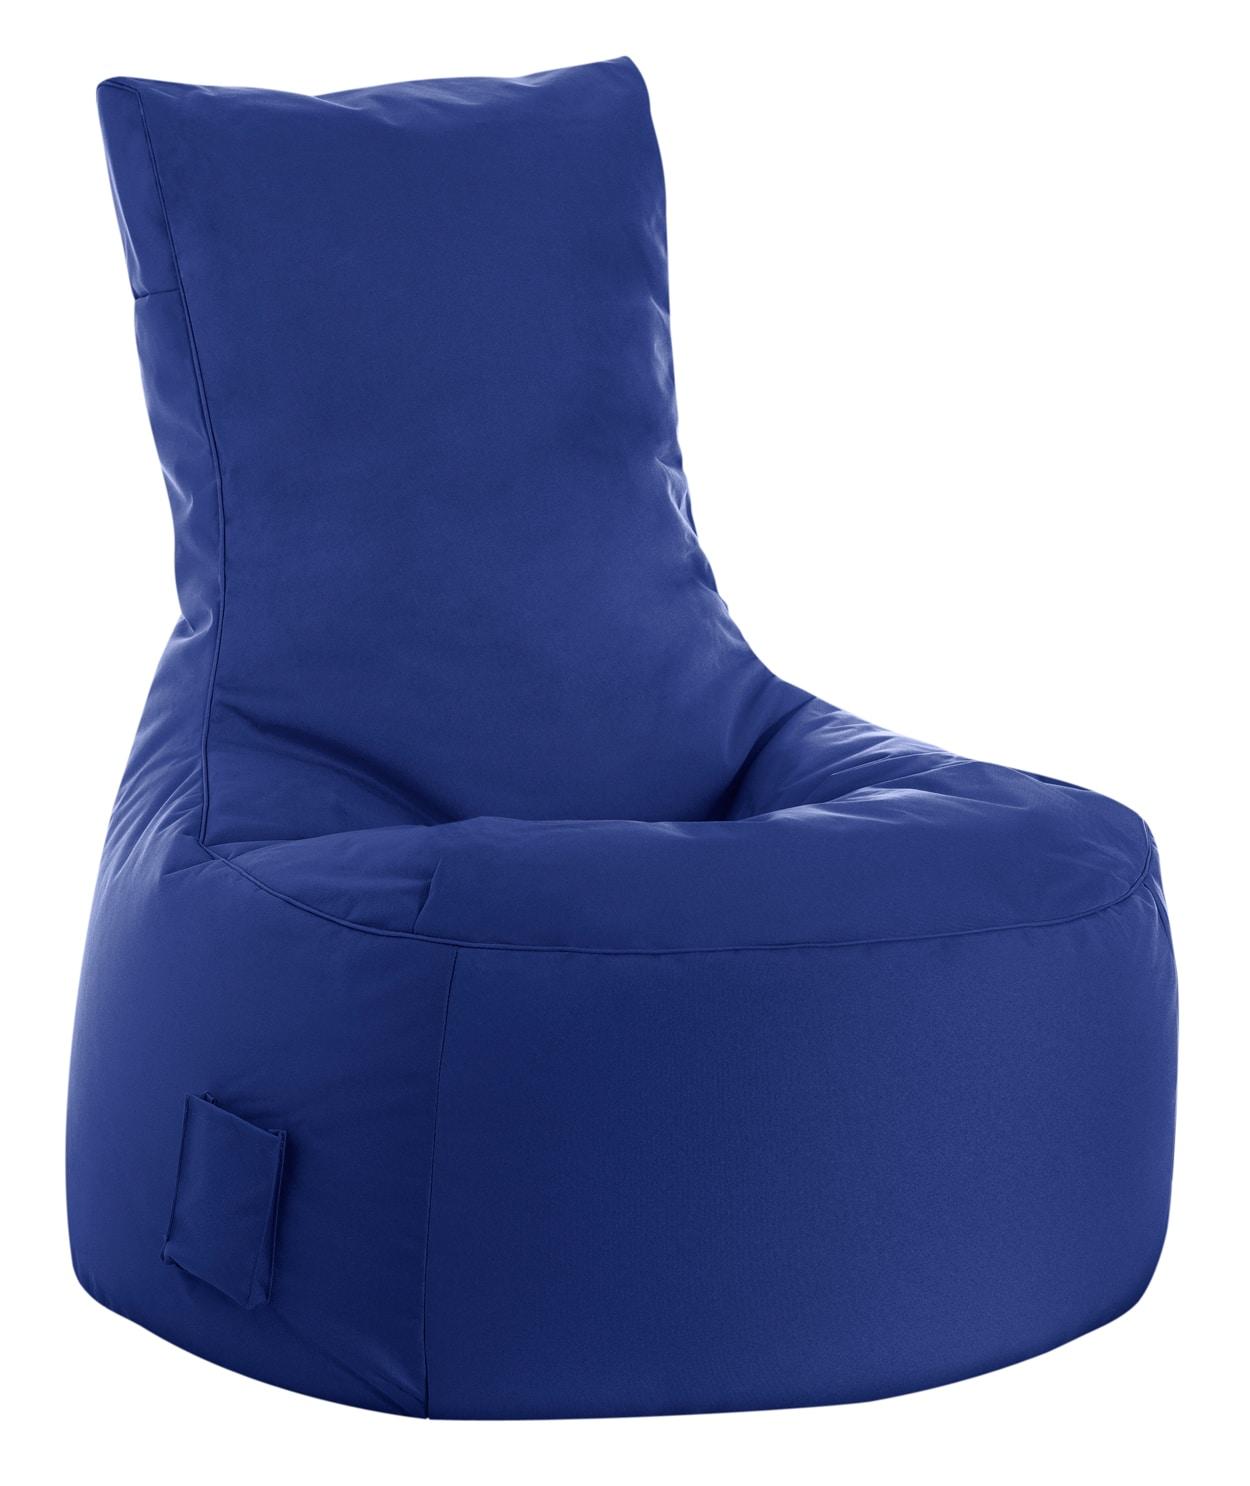 Zitzak Kleur Blauw.Zitzak Stoel Buiten Blauw Sitting Bags